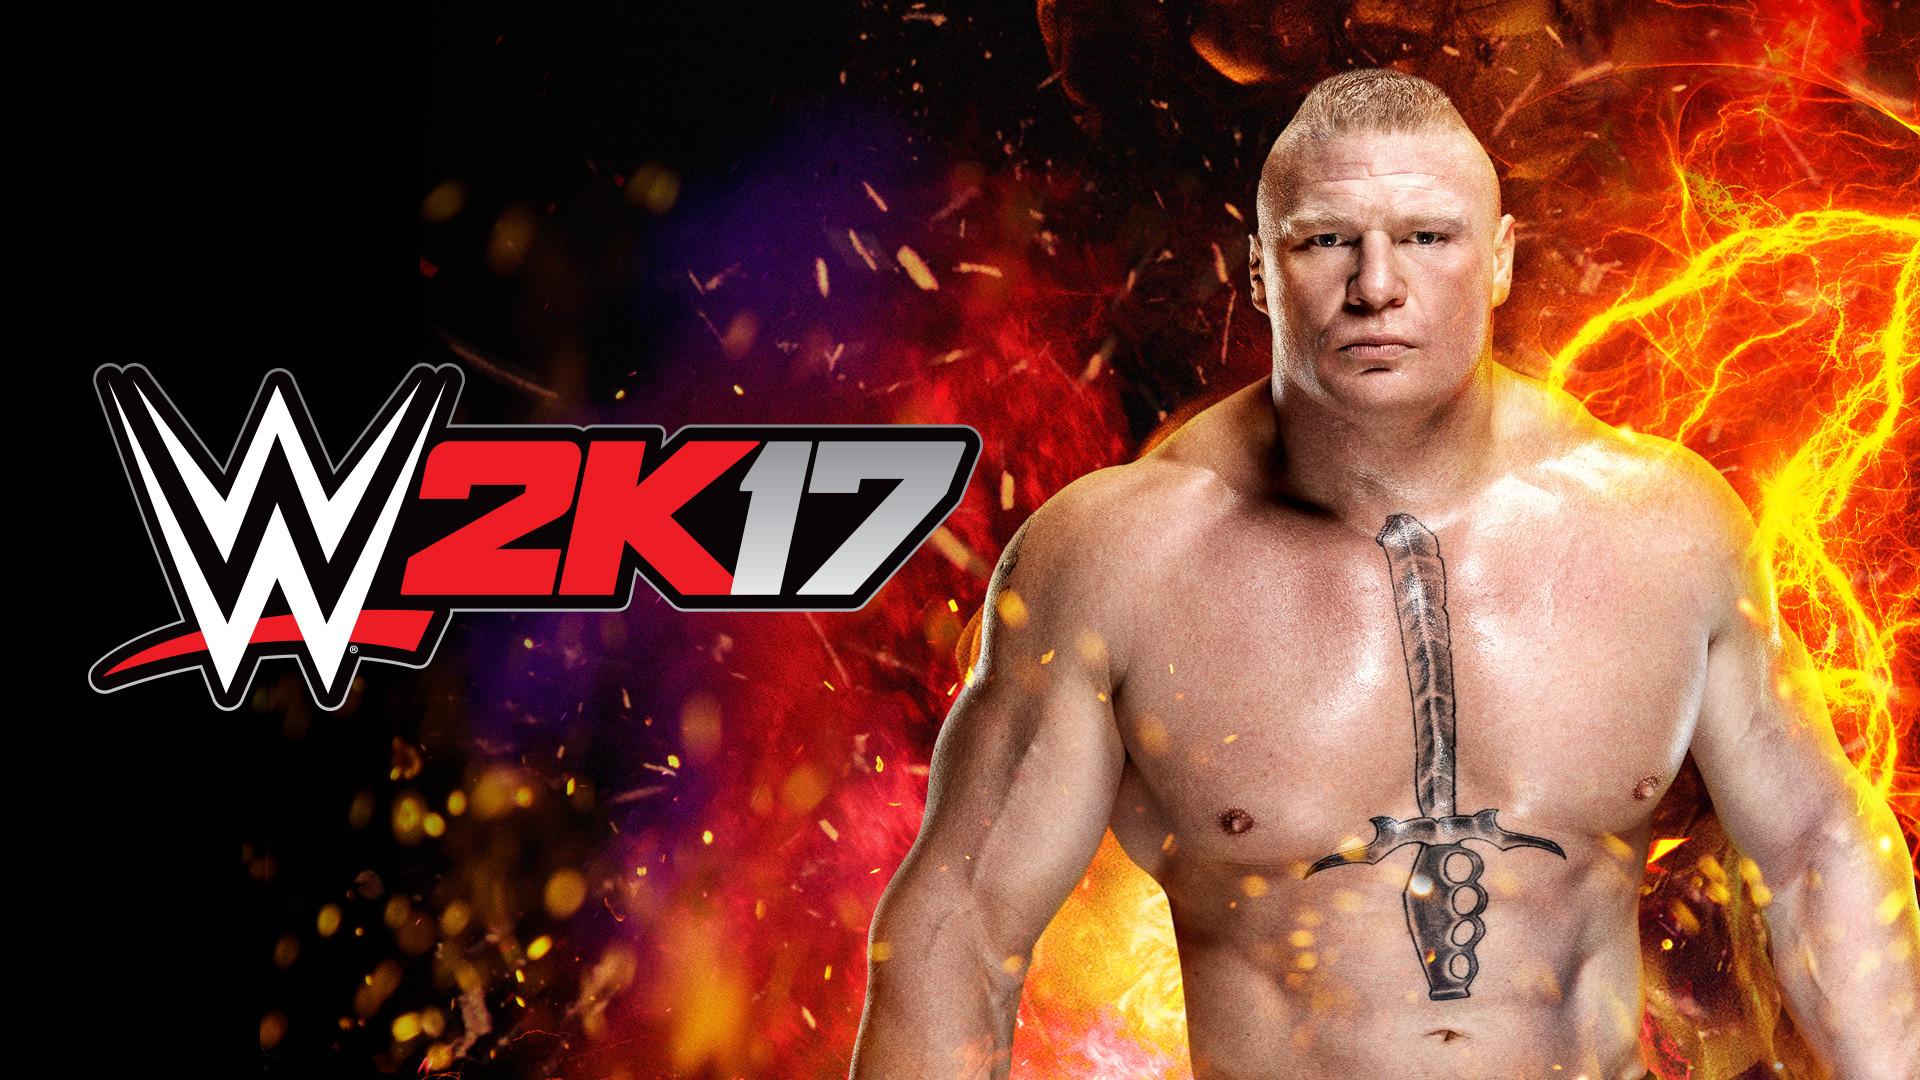 … WWE 2K17 Brock Lesnar Wallpaper (Artwork) …